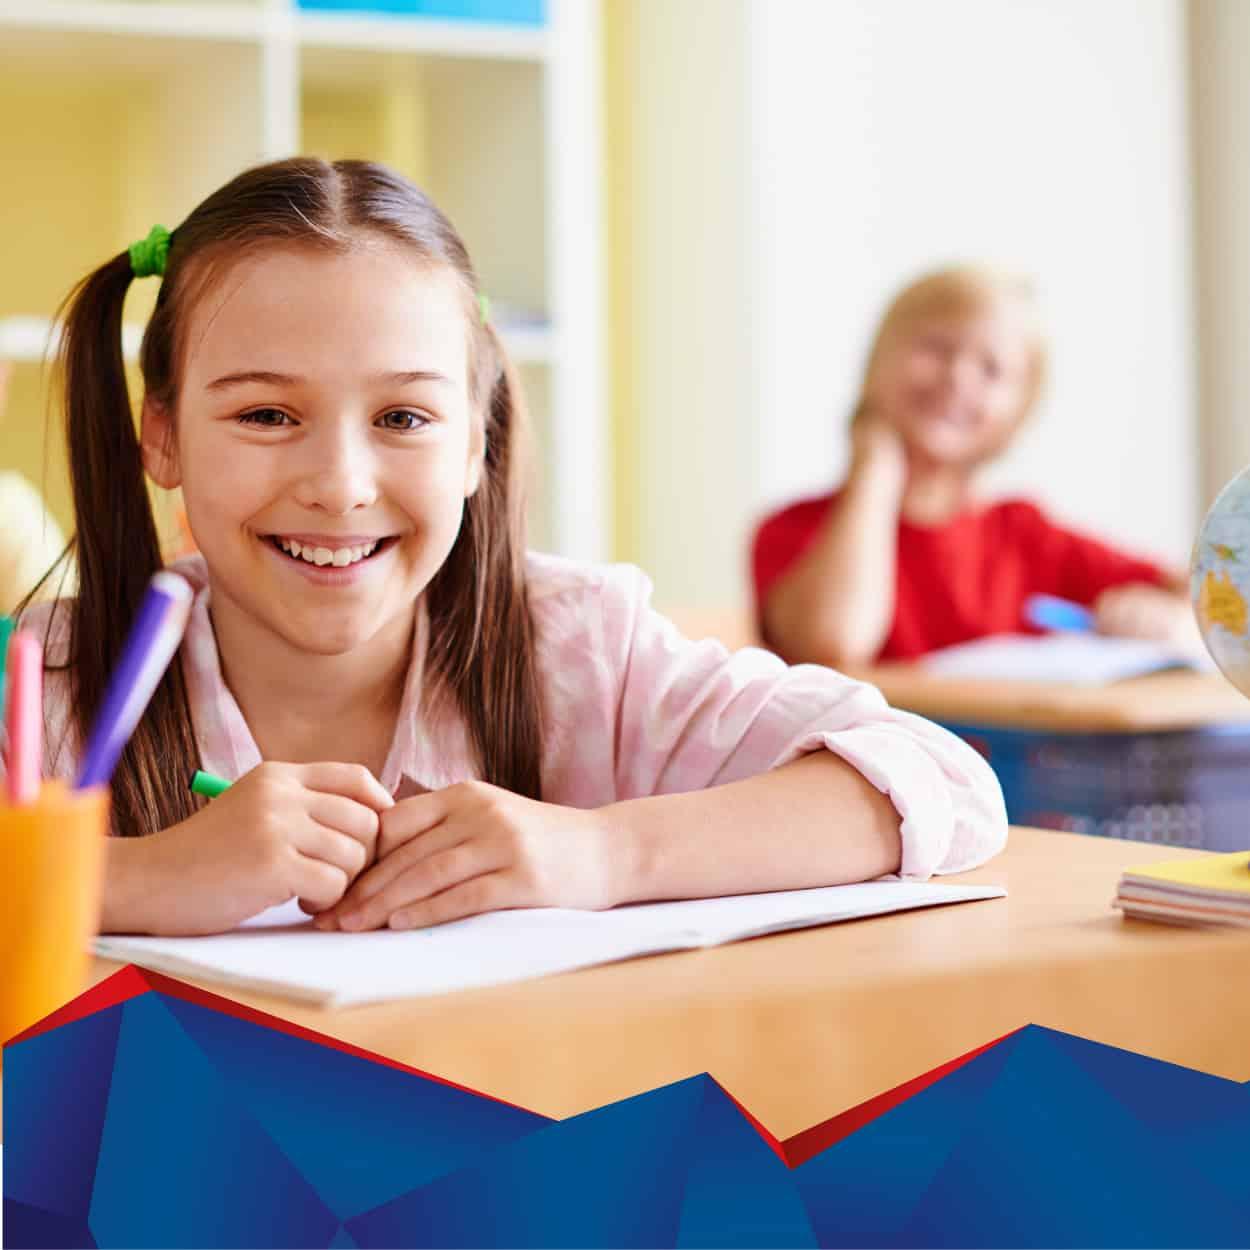 Çocuğa ikinci dil nasıl öğretilir?